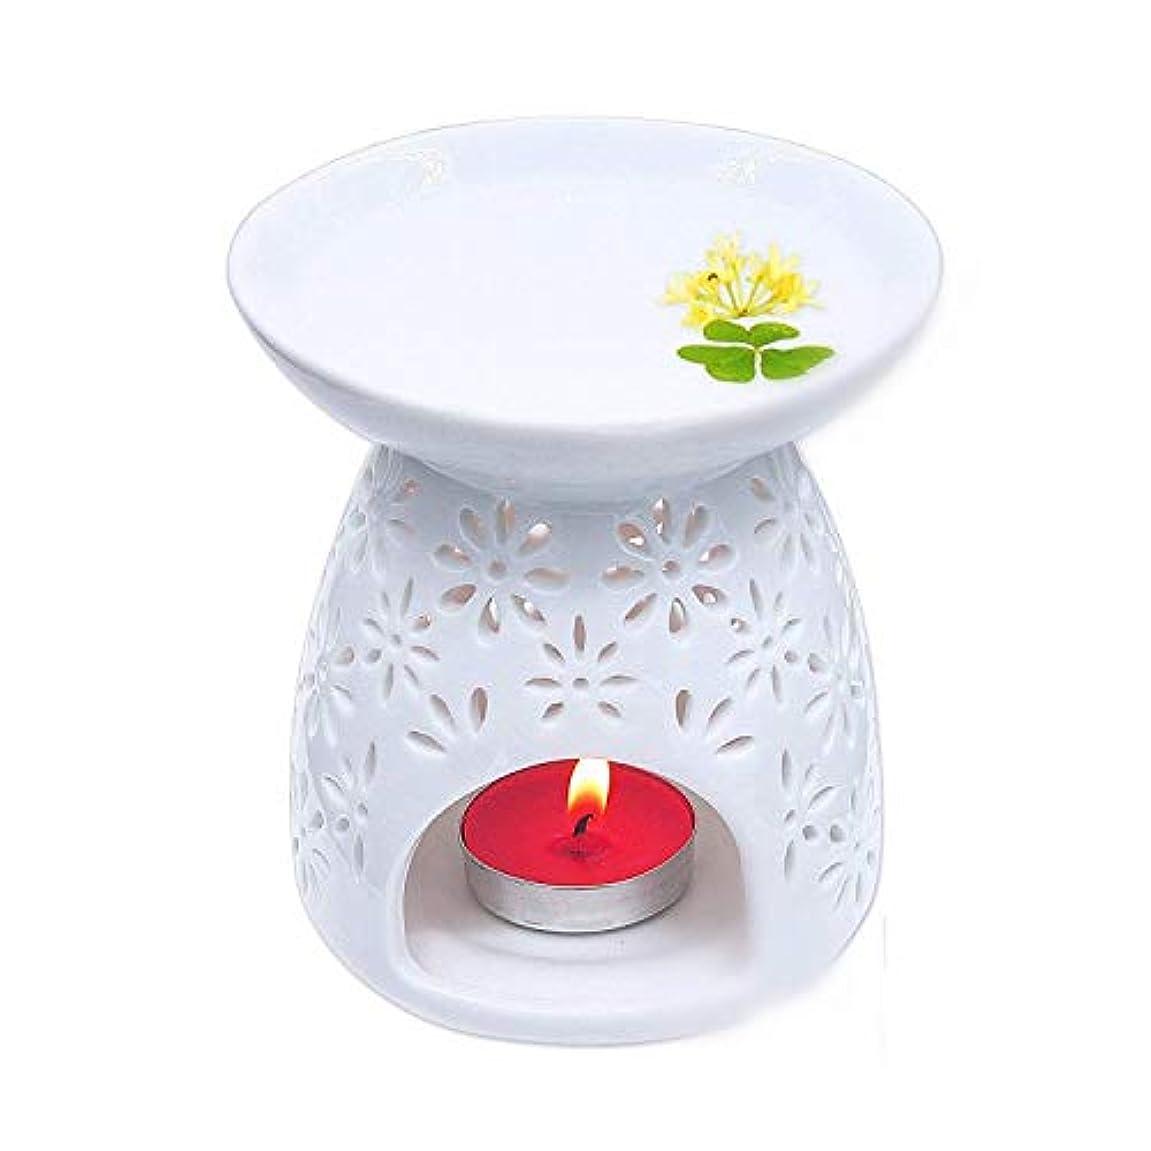 それら一般的に言えば音声Pursue 茶香炉 アロマ炉 香炉 陶器 精油 香炉置物 薫香 インテリア アロマディフューザー 中空の彫刻工 消臭と癒し おしゃれ